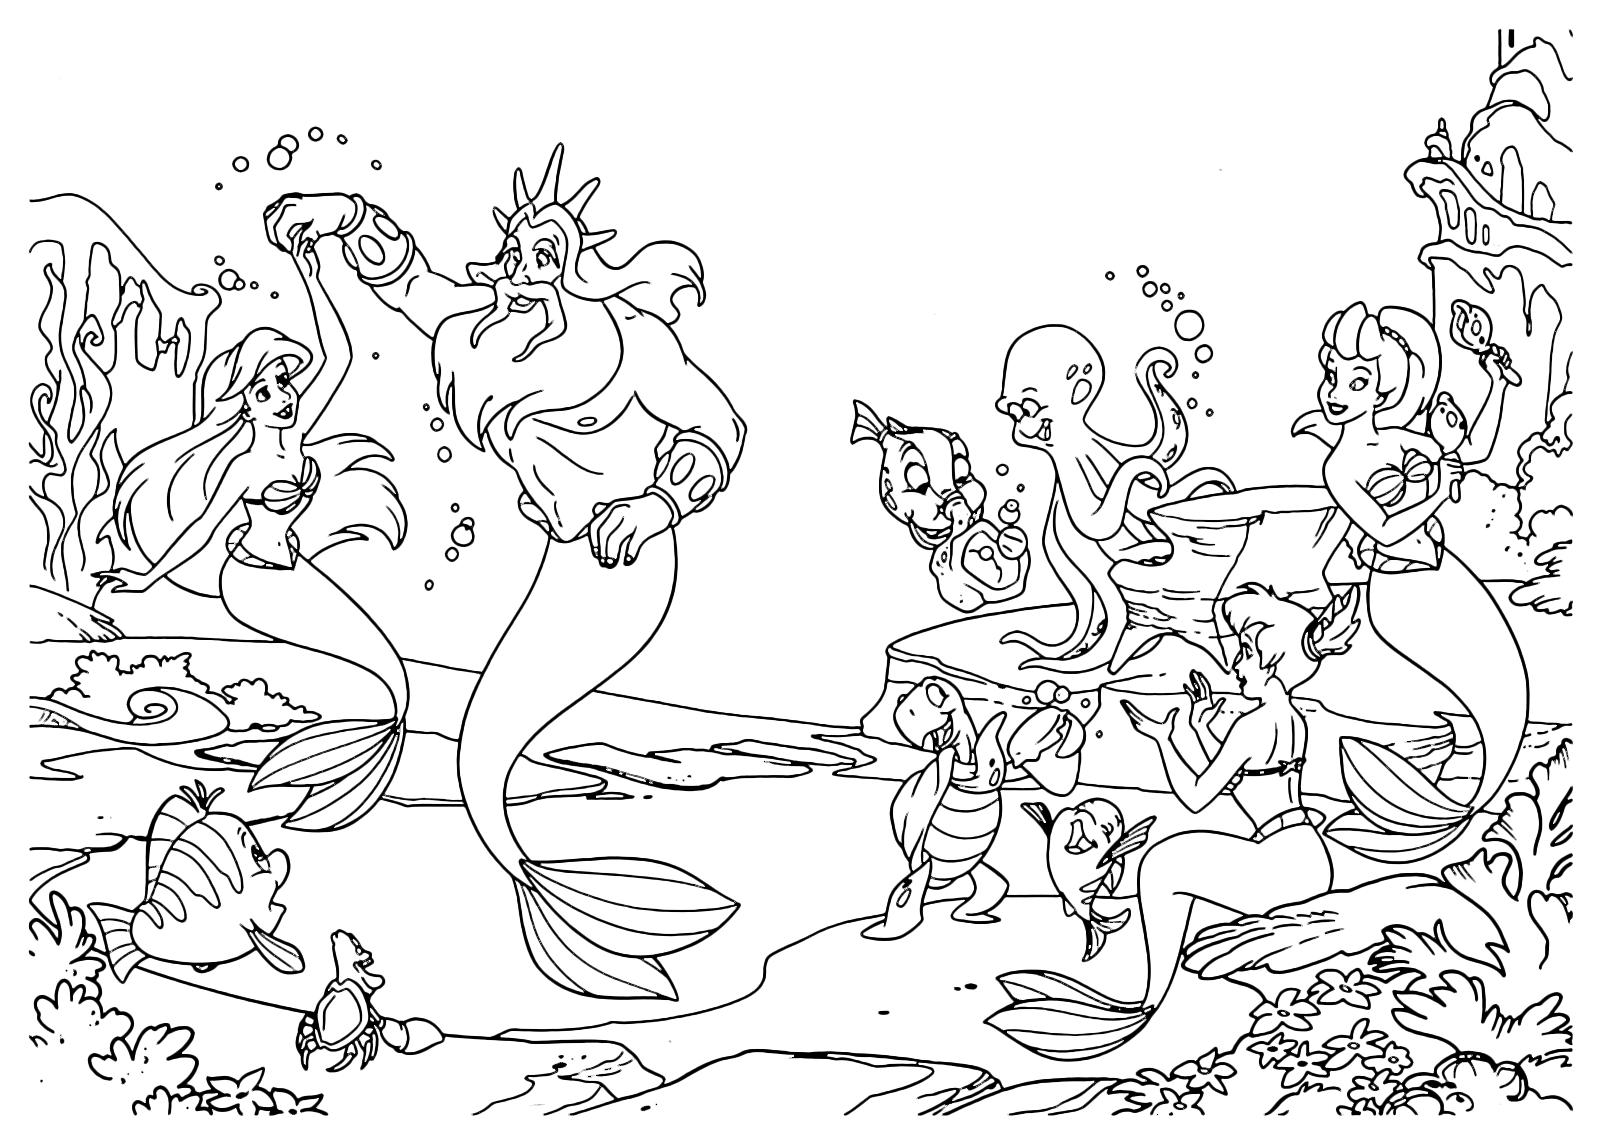 La sirenetta ariel balla con tritone mentre le altre for La sirenetta da stampare